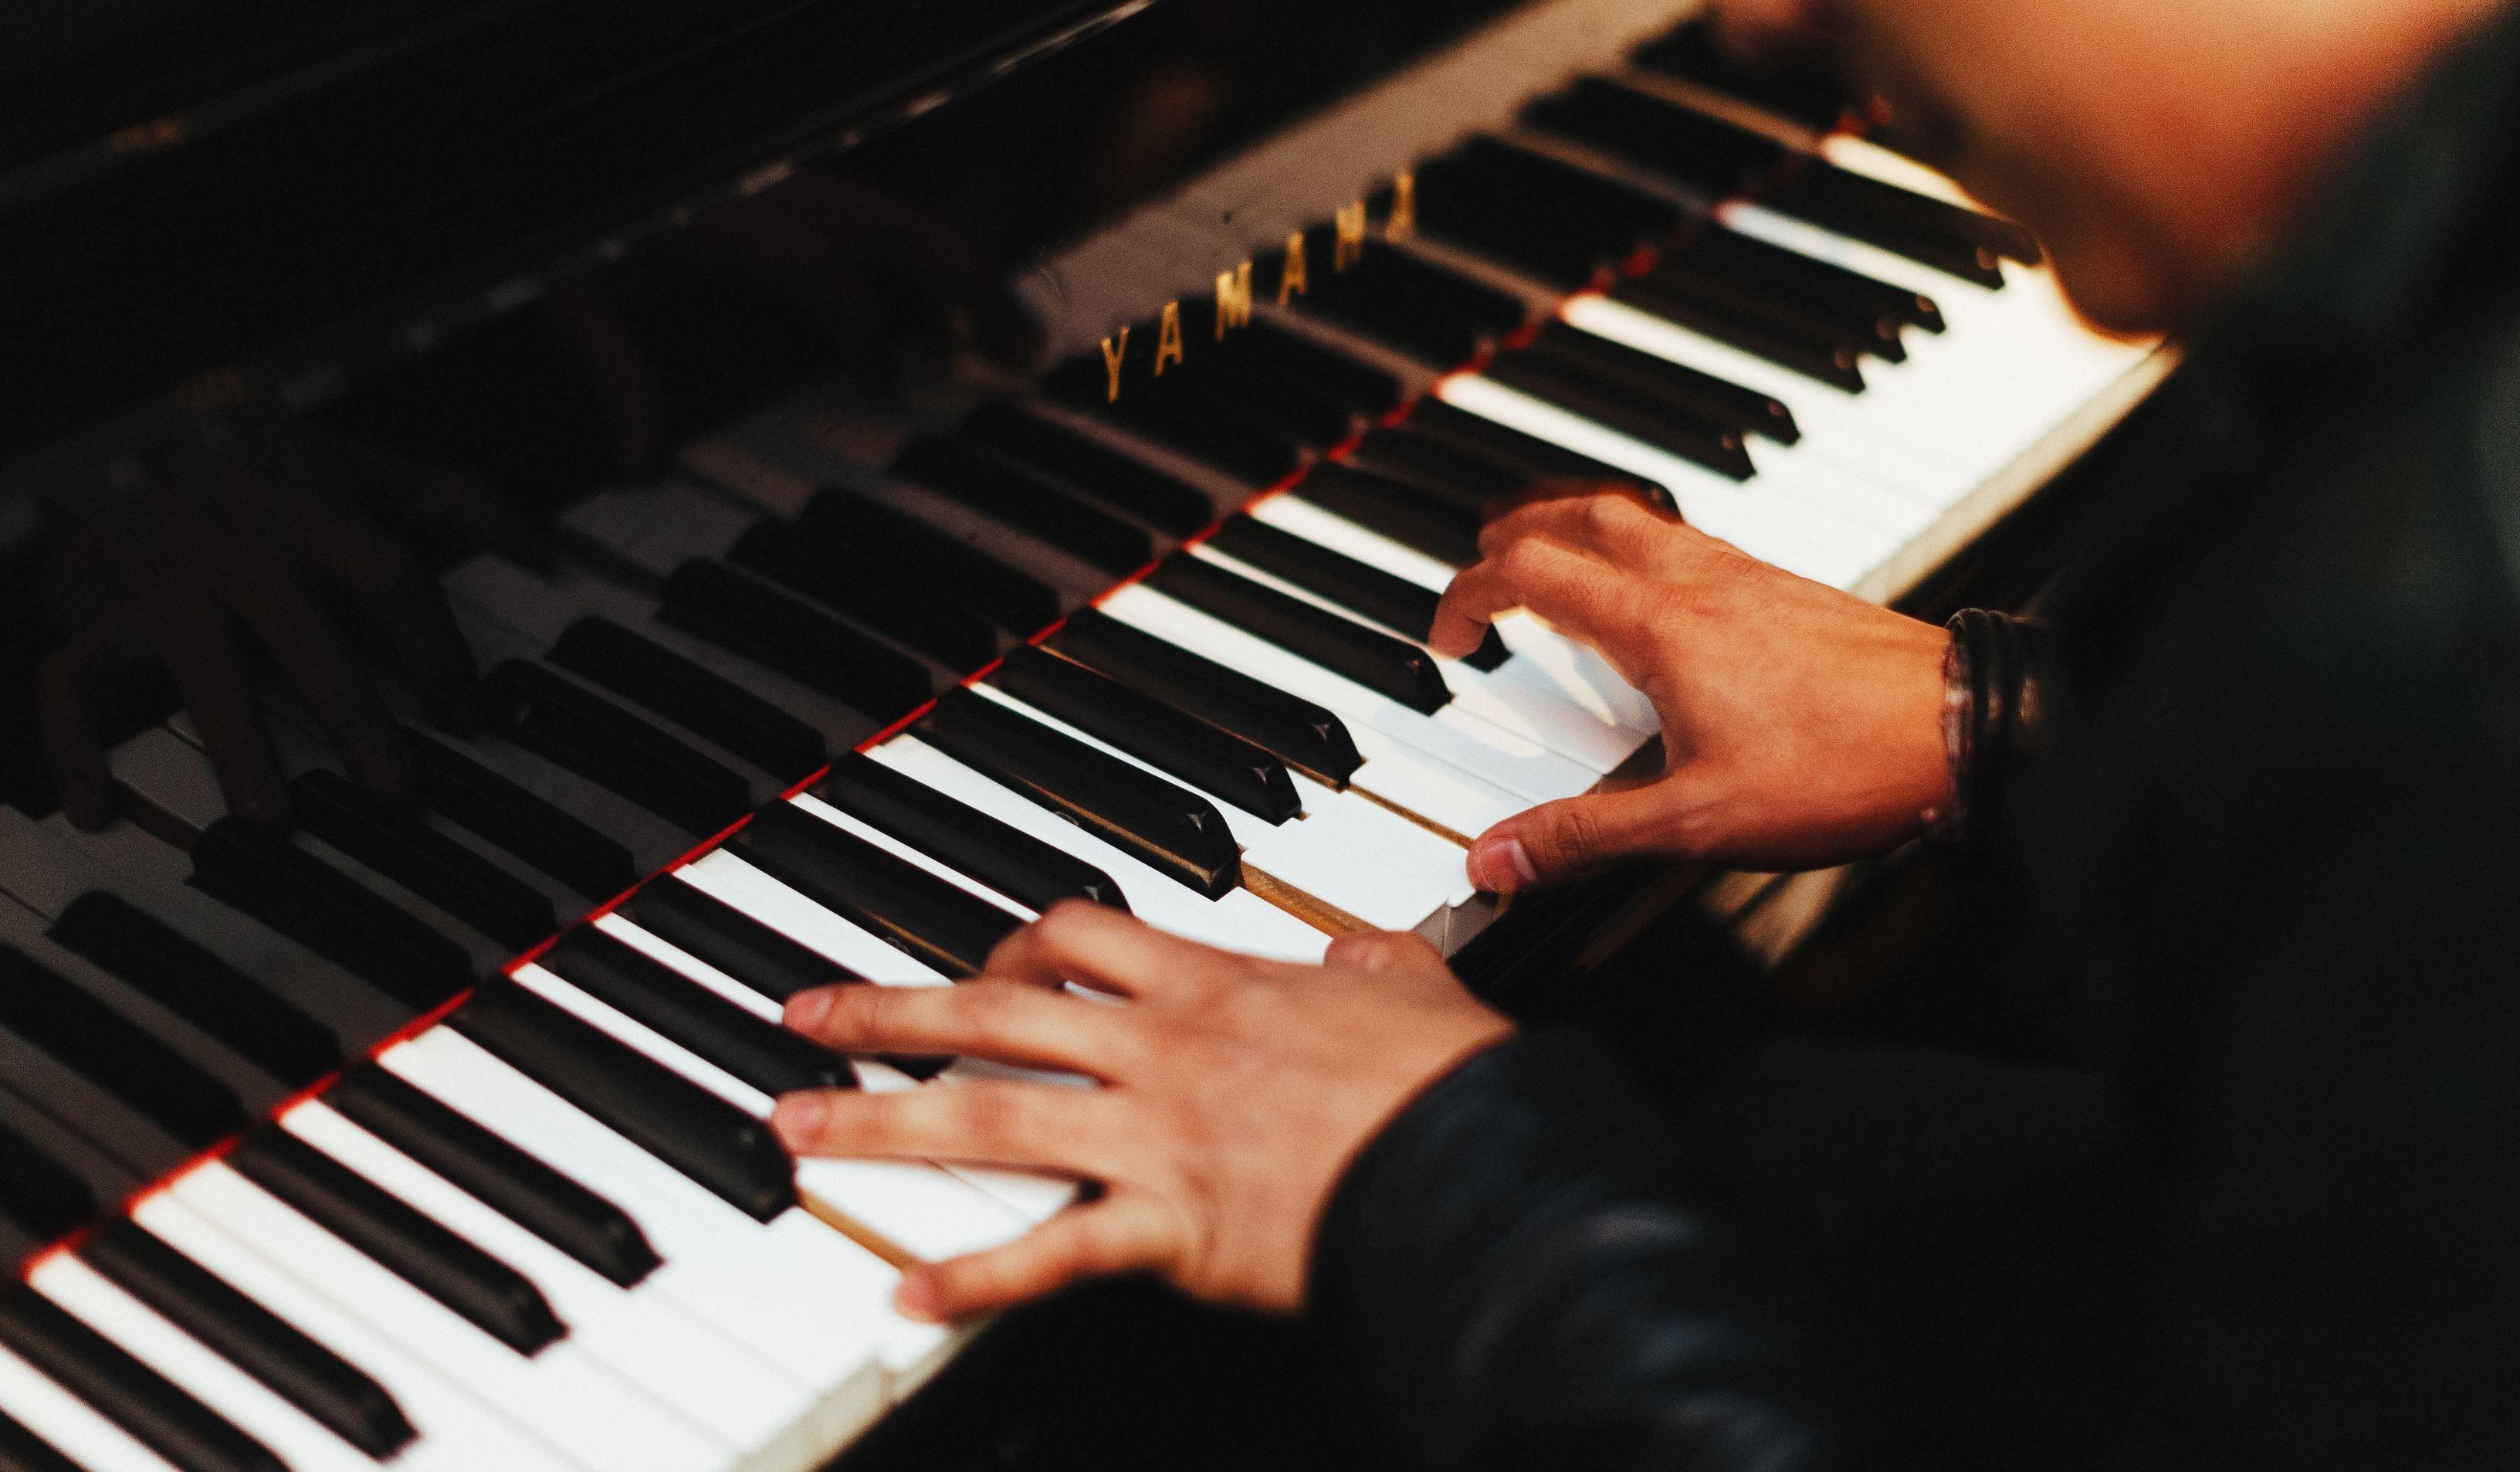 6 Farklı Müzik Türünün Beyninizde Yarattığı Etki